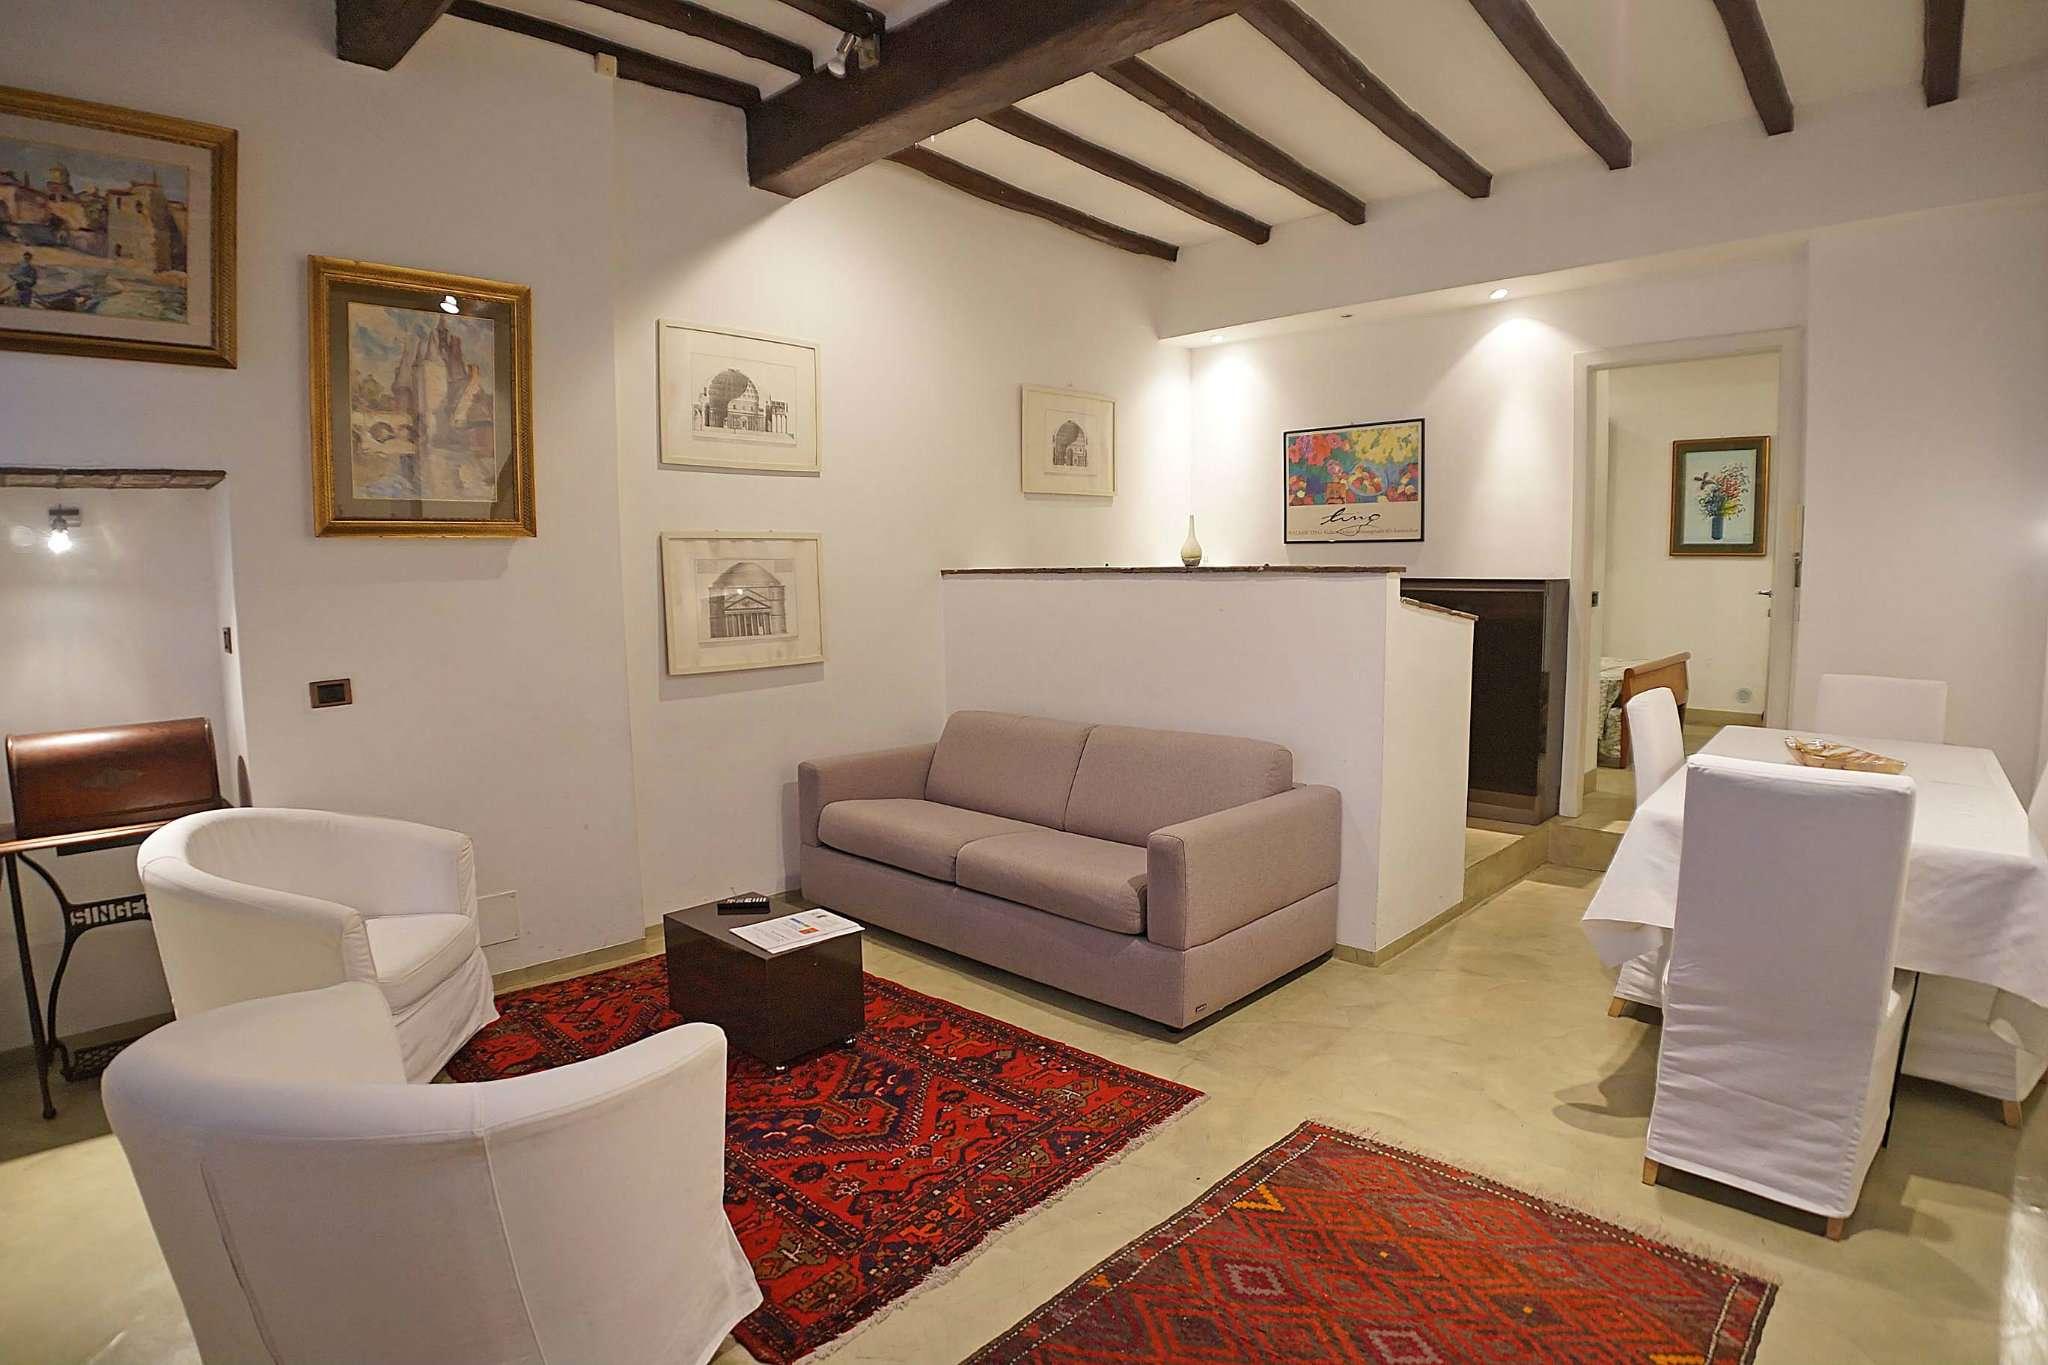 appartamento affitto roma di metri quadrati 52 prezzo 1200 nella zona di centro storico rif lungotevere tor di nona